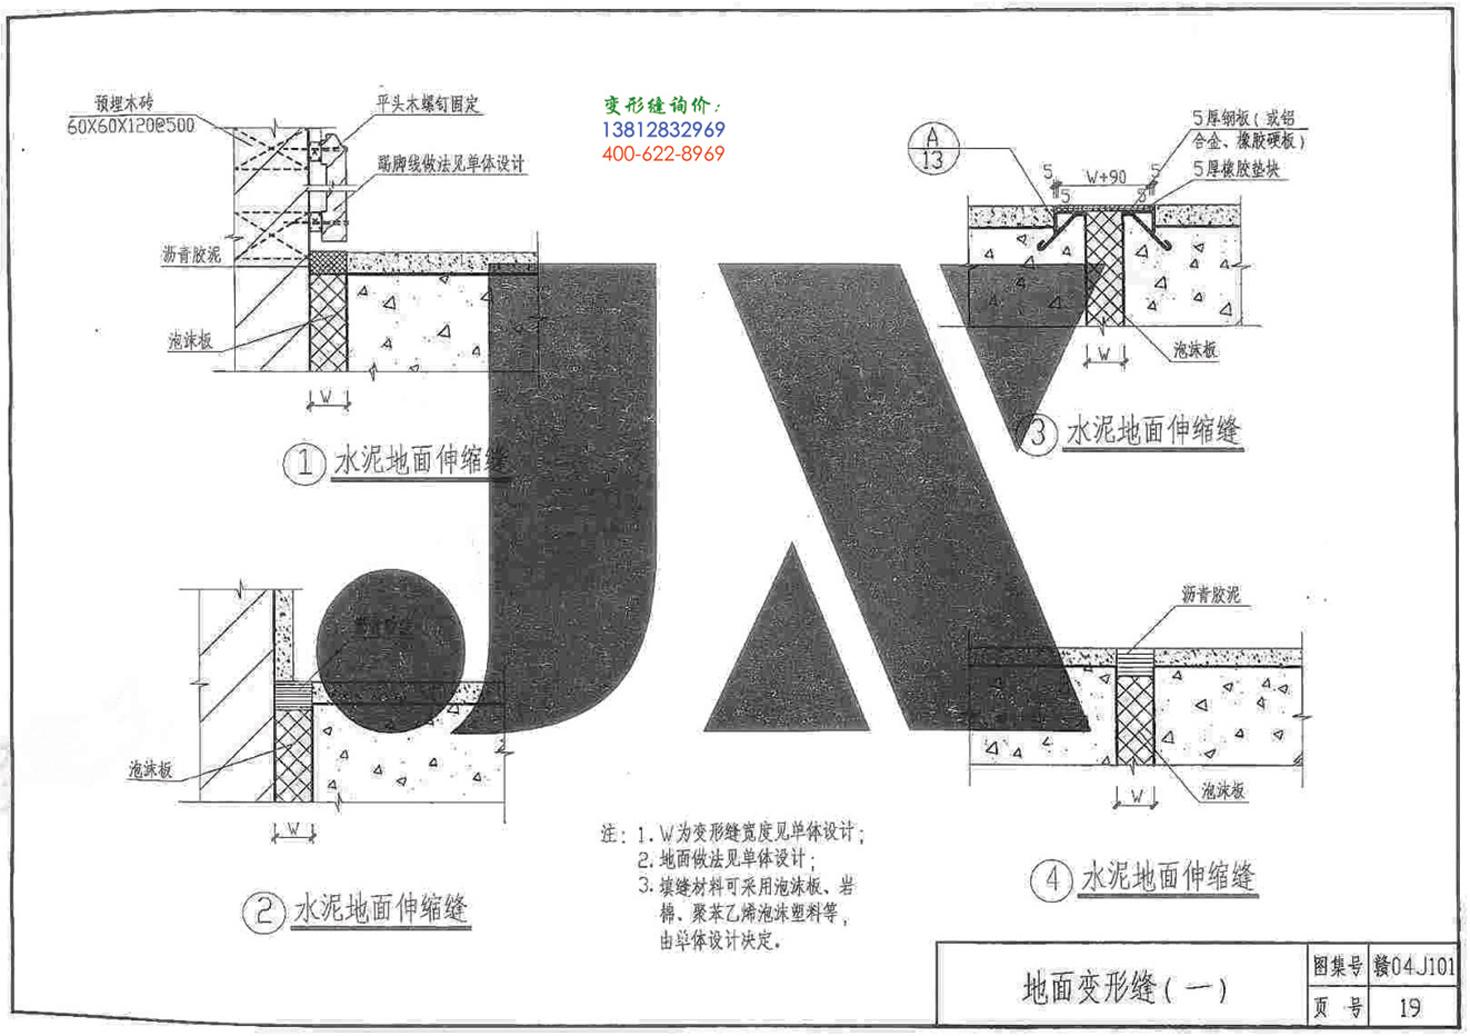 赣04J101变形缝图集p19